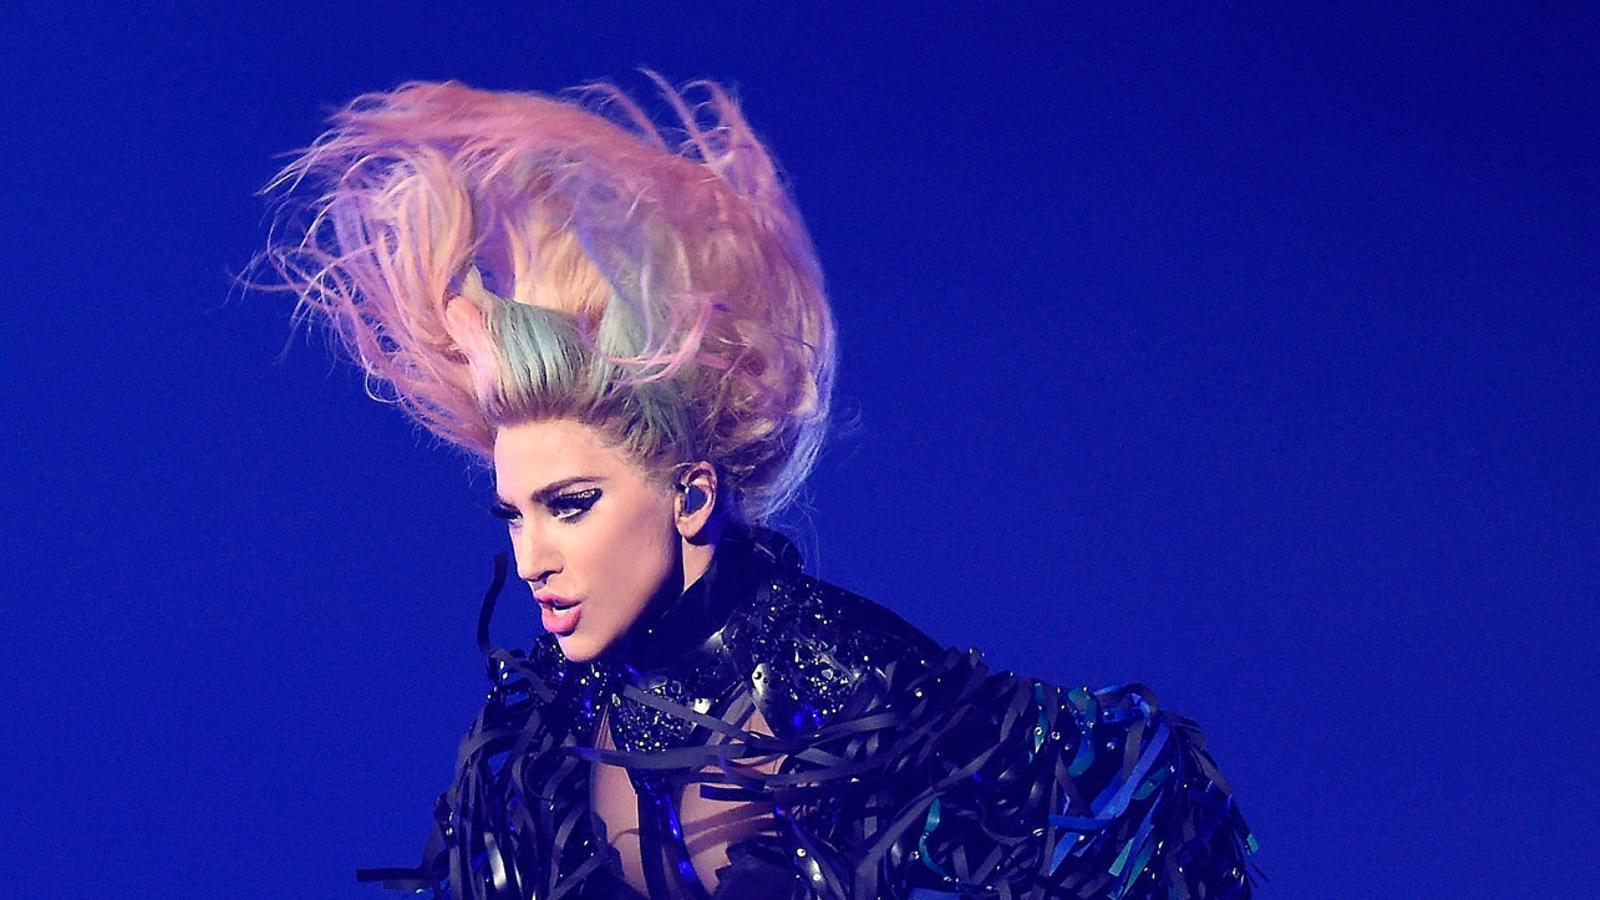 Lady Gaga durant el concert  que va fer  a Los Angeles el desembre.